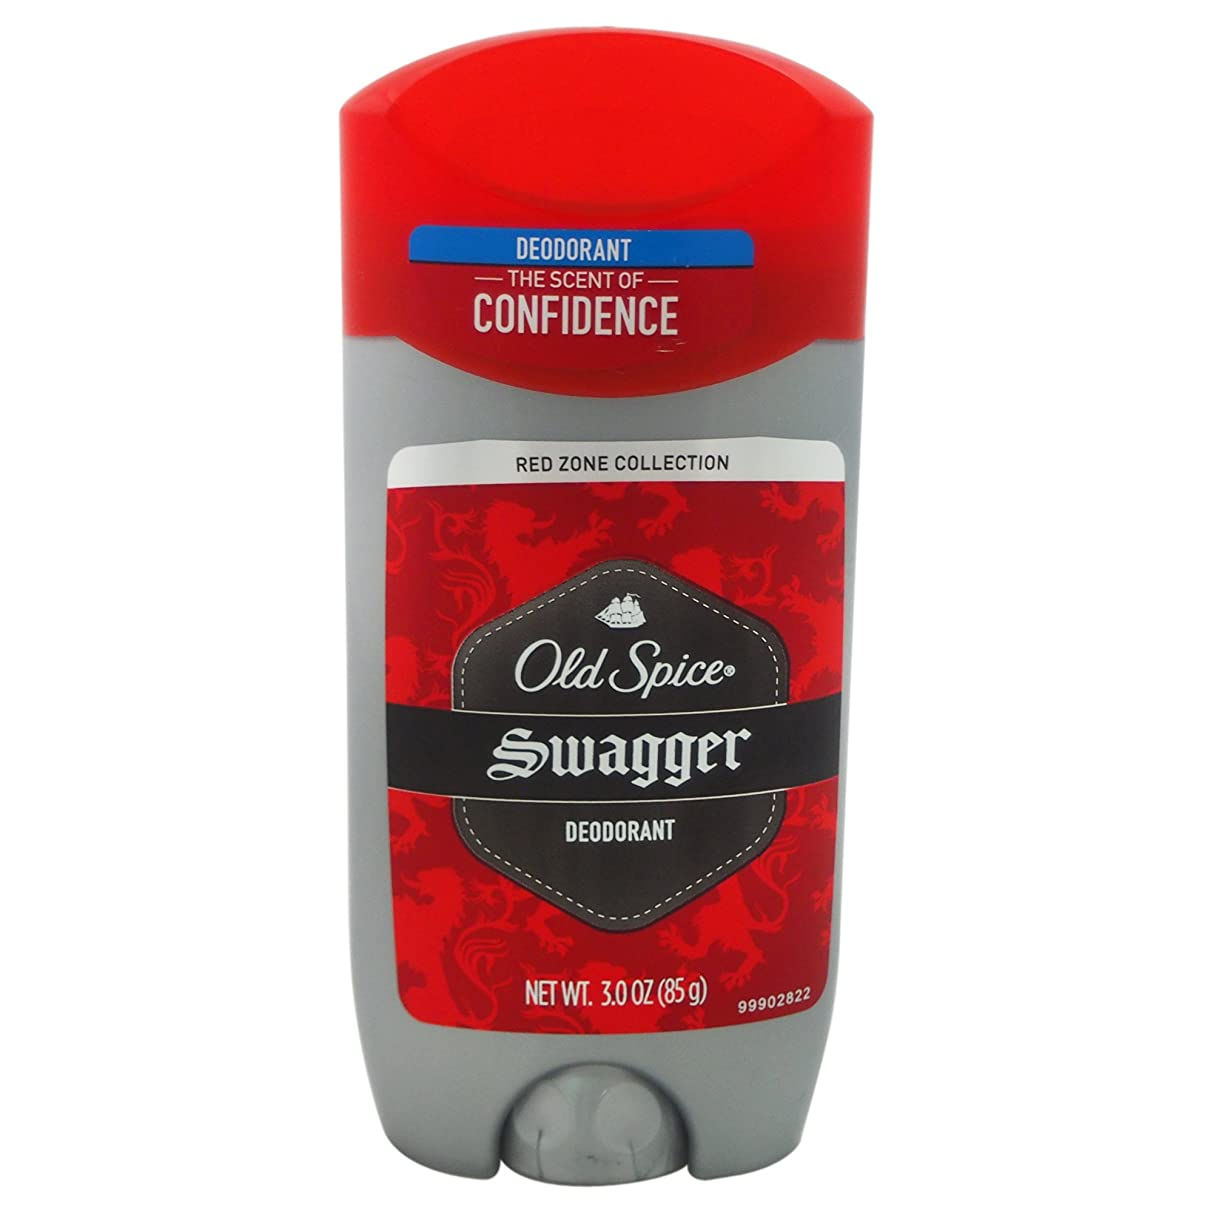 大胆不敵誕生日卒業記念アルバムオールドスパイス(Old Spice) RED ZONE COLLECTION スワッガー デオドラント 85g[並行輸入品]